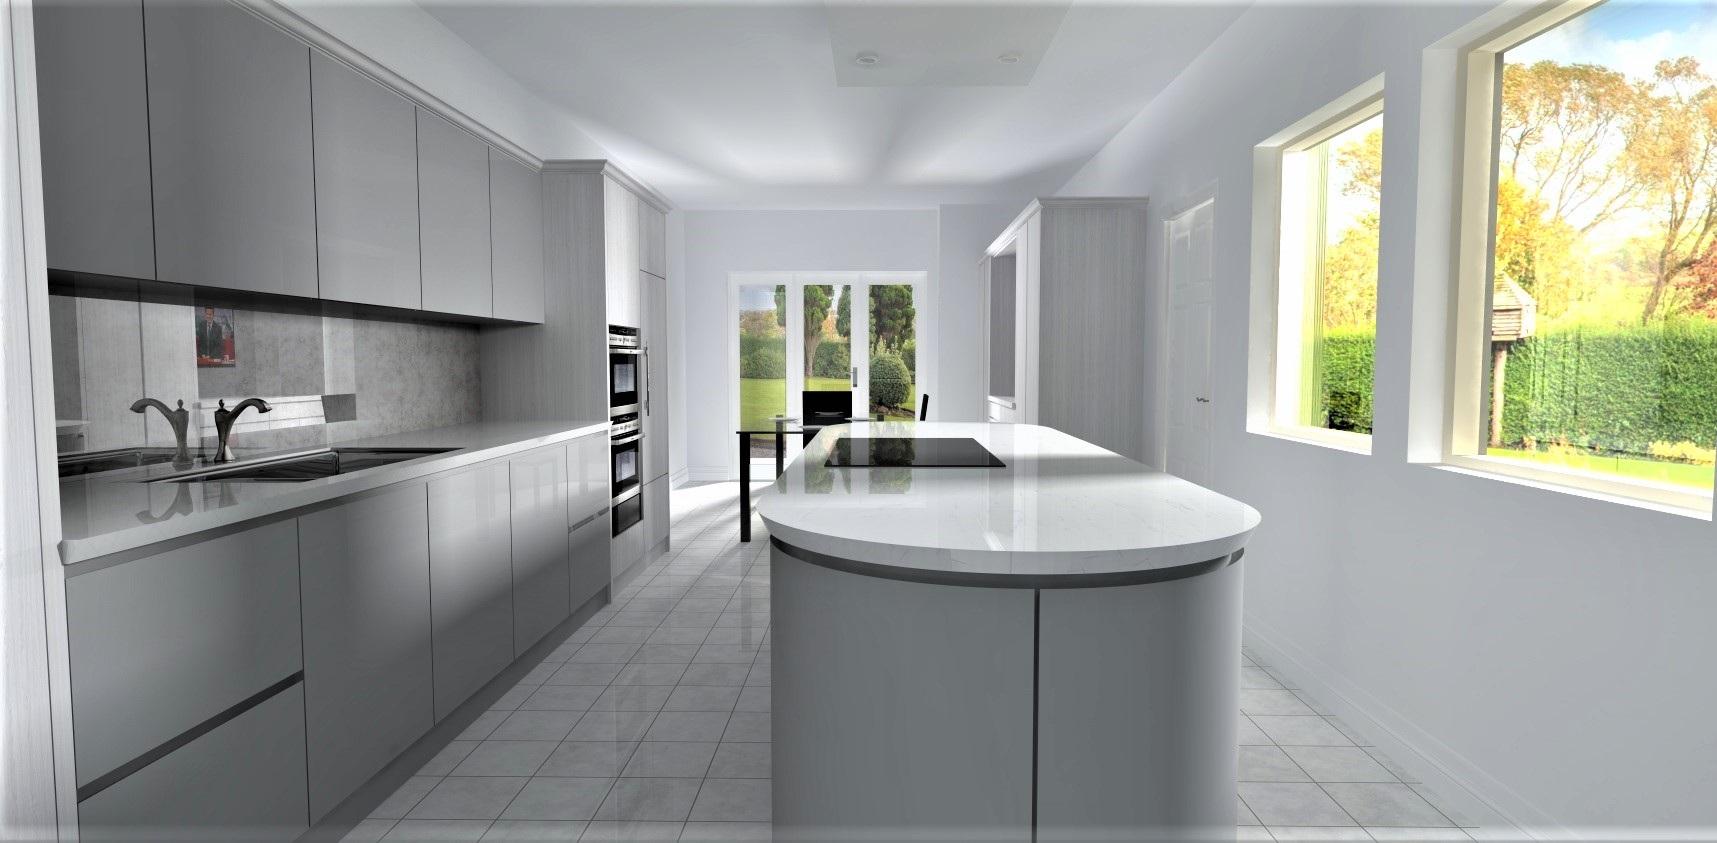 Logiciel Pour Conception Cuisine cabinet vision: logiciel de conception de cuisines